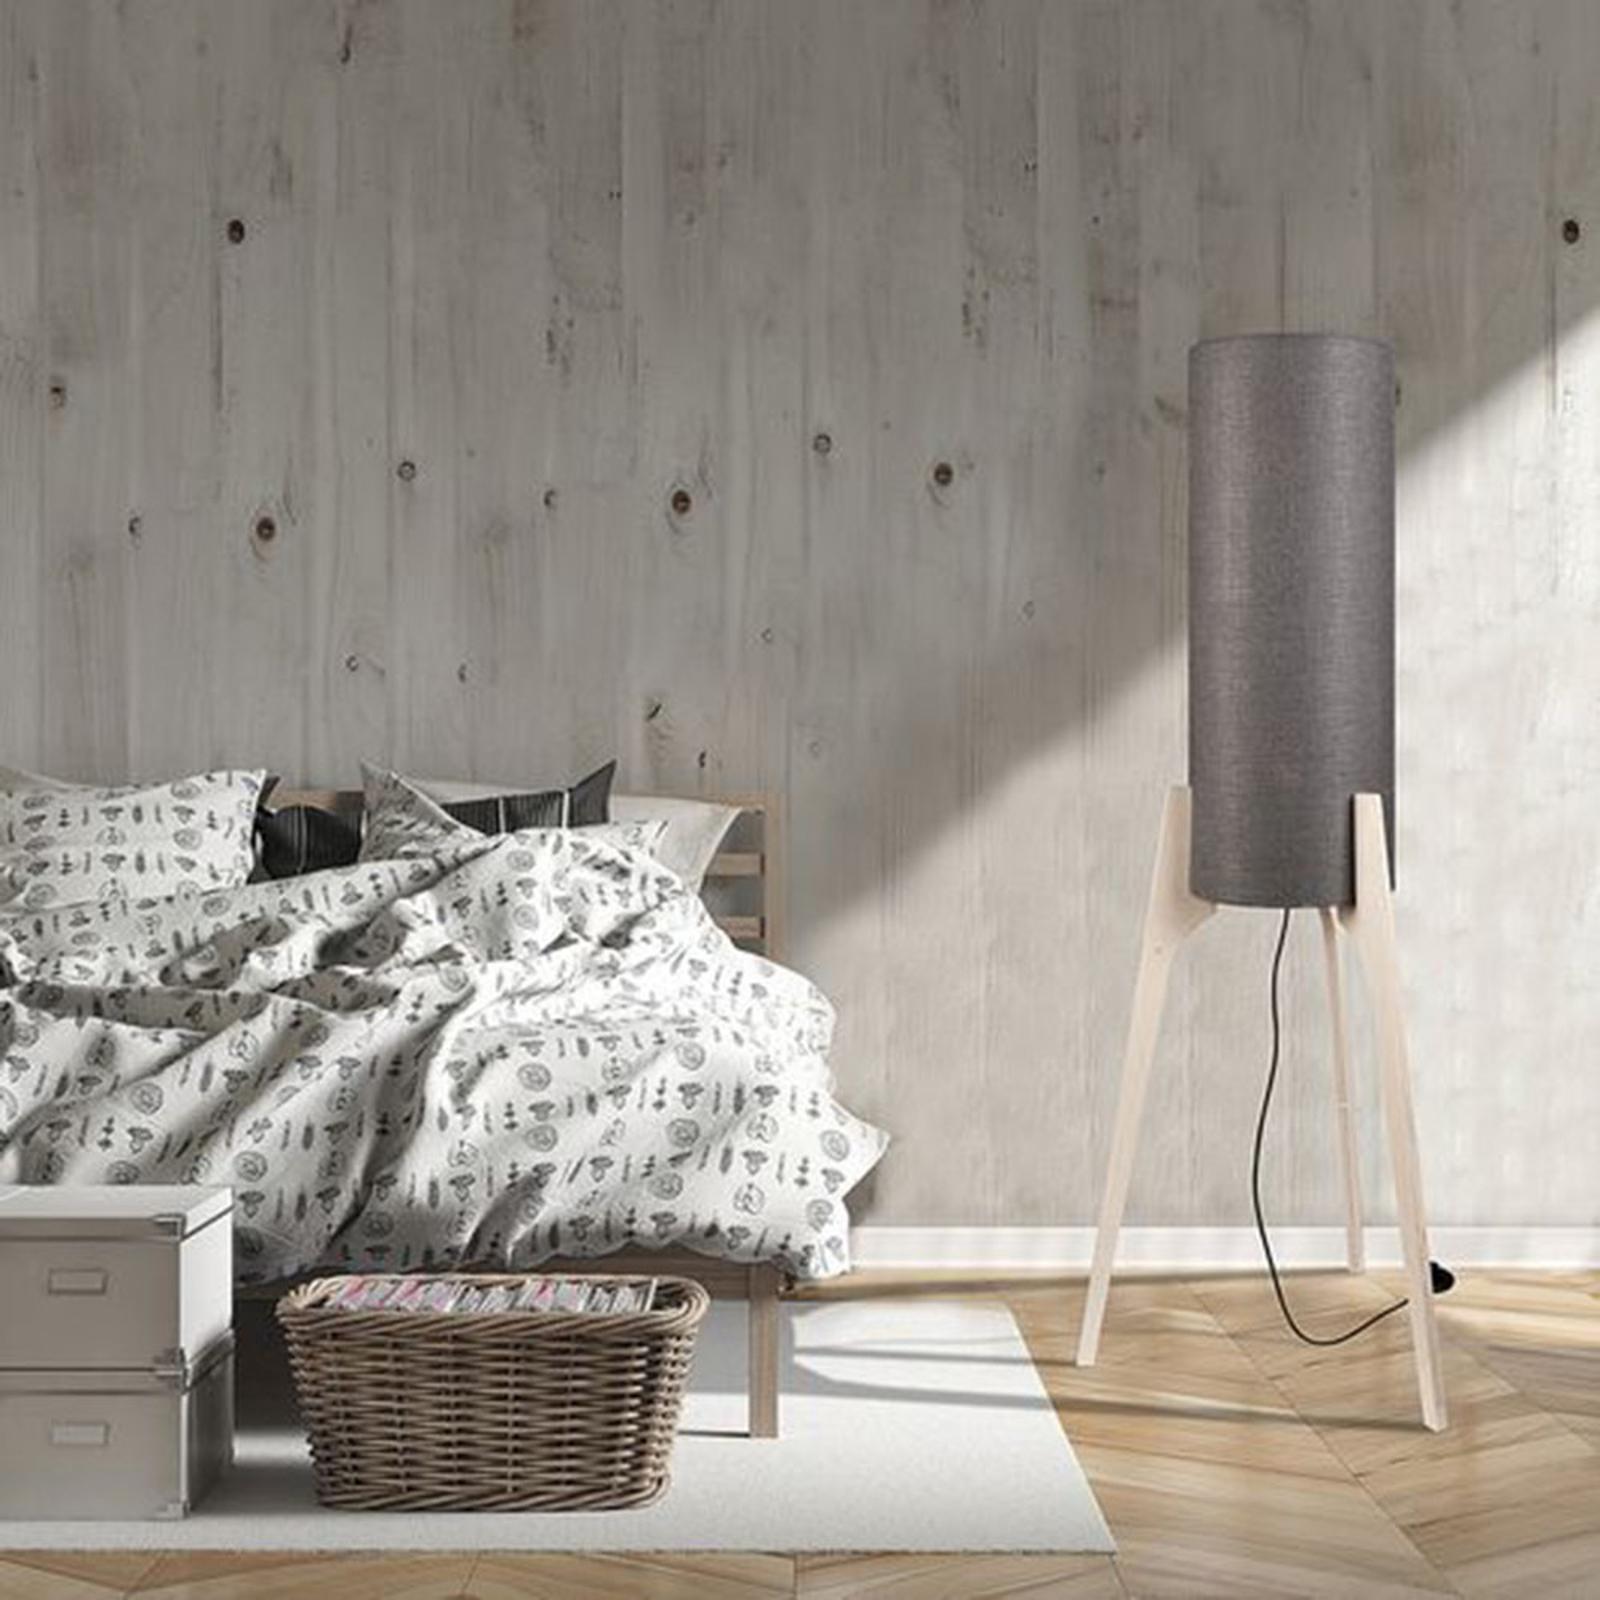 Vloerlamp Neo M met driepootsframe van hout